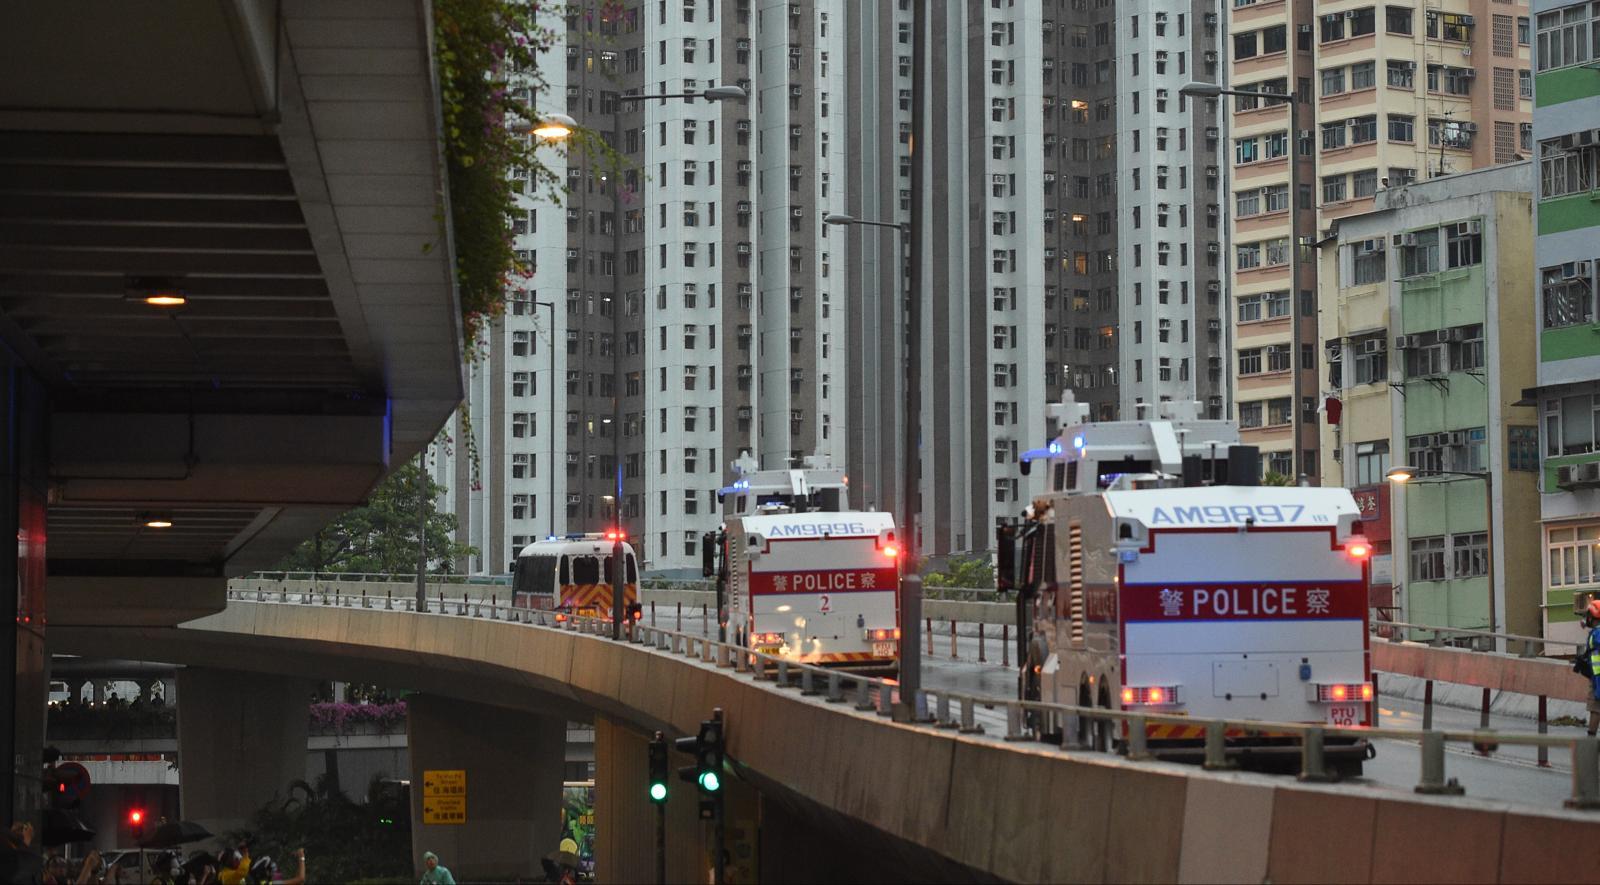 【荃葵青遊行】兩輛水炮車向大河道路障射水後 經迴旋處駛向楊屋道